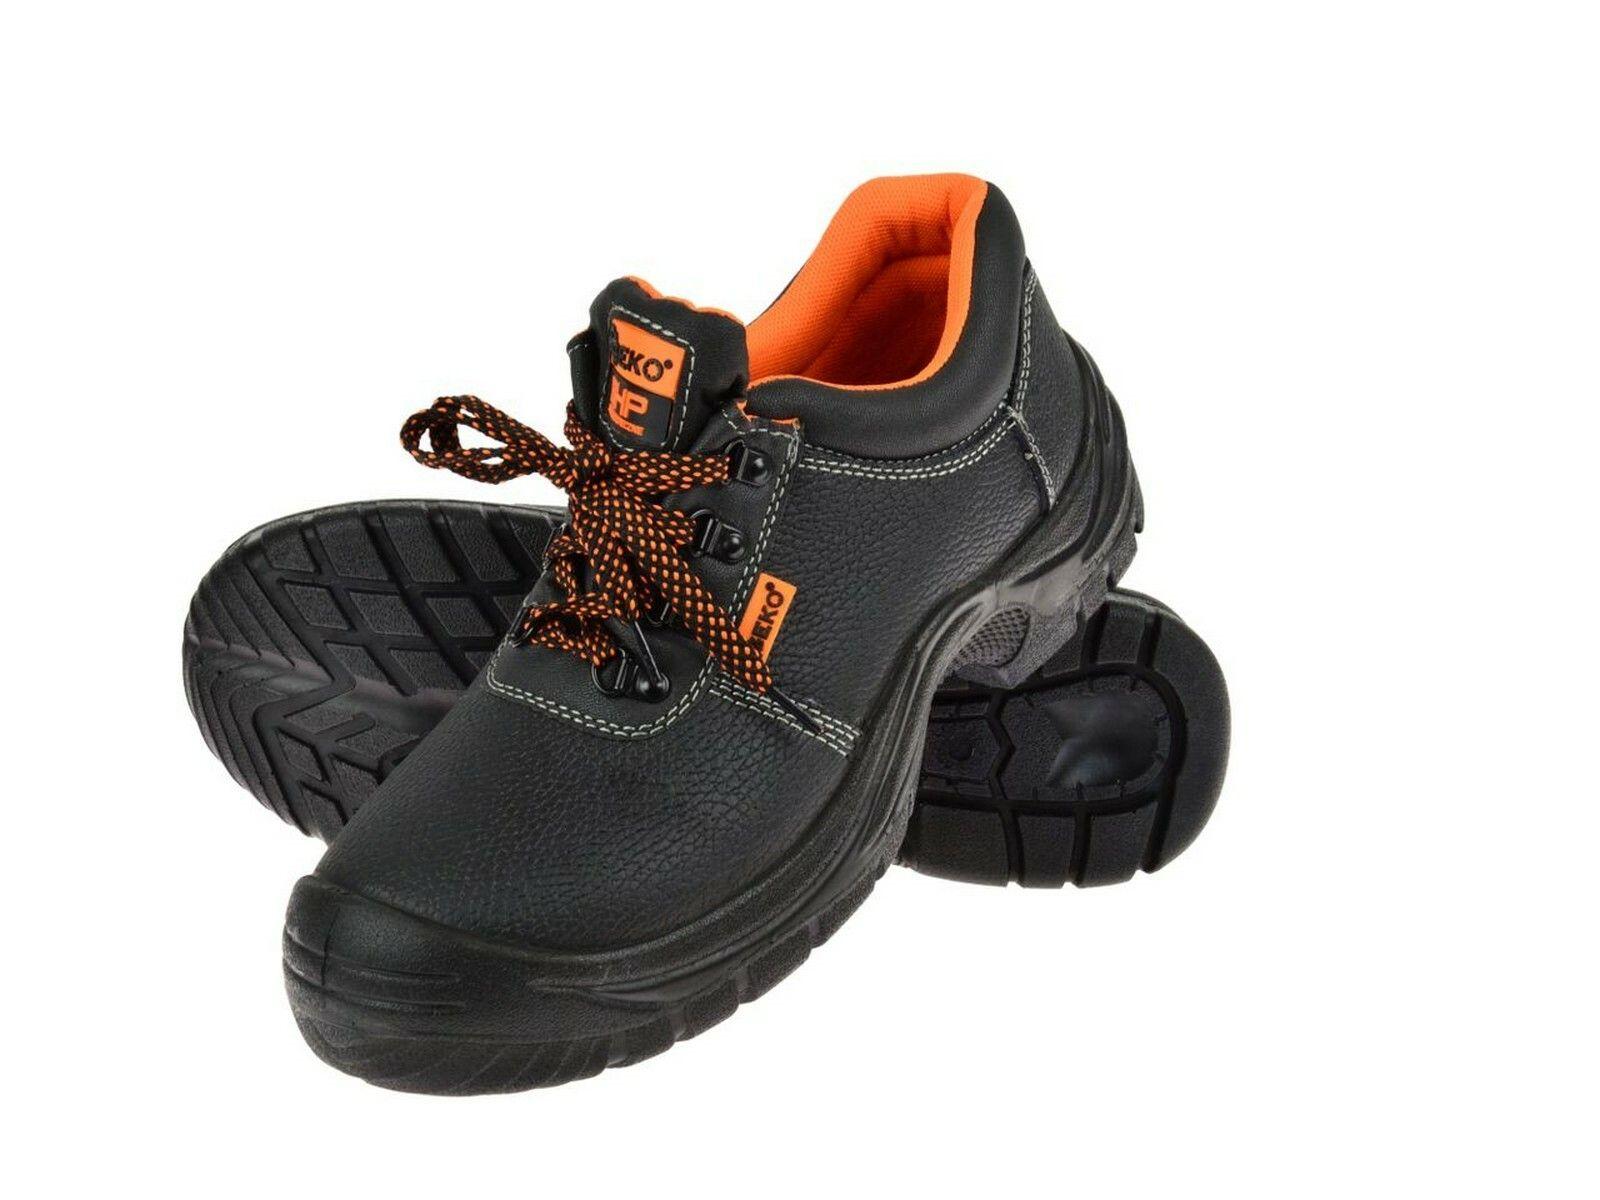 Ochranné pracovní boty model č.1 vel.39 GEKO